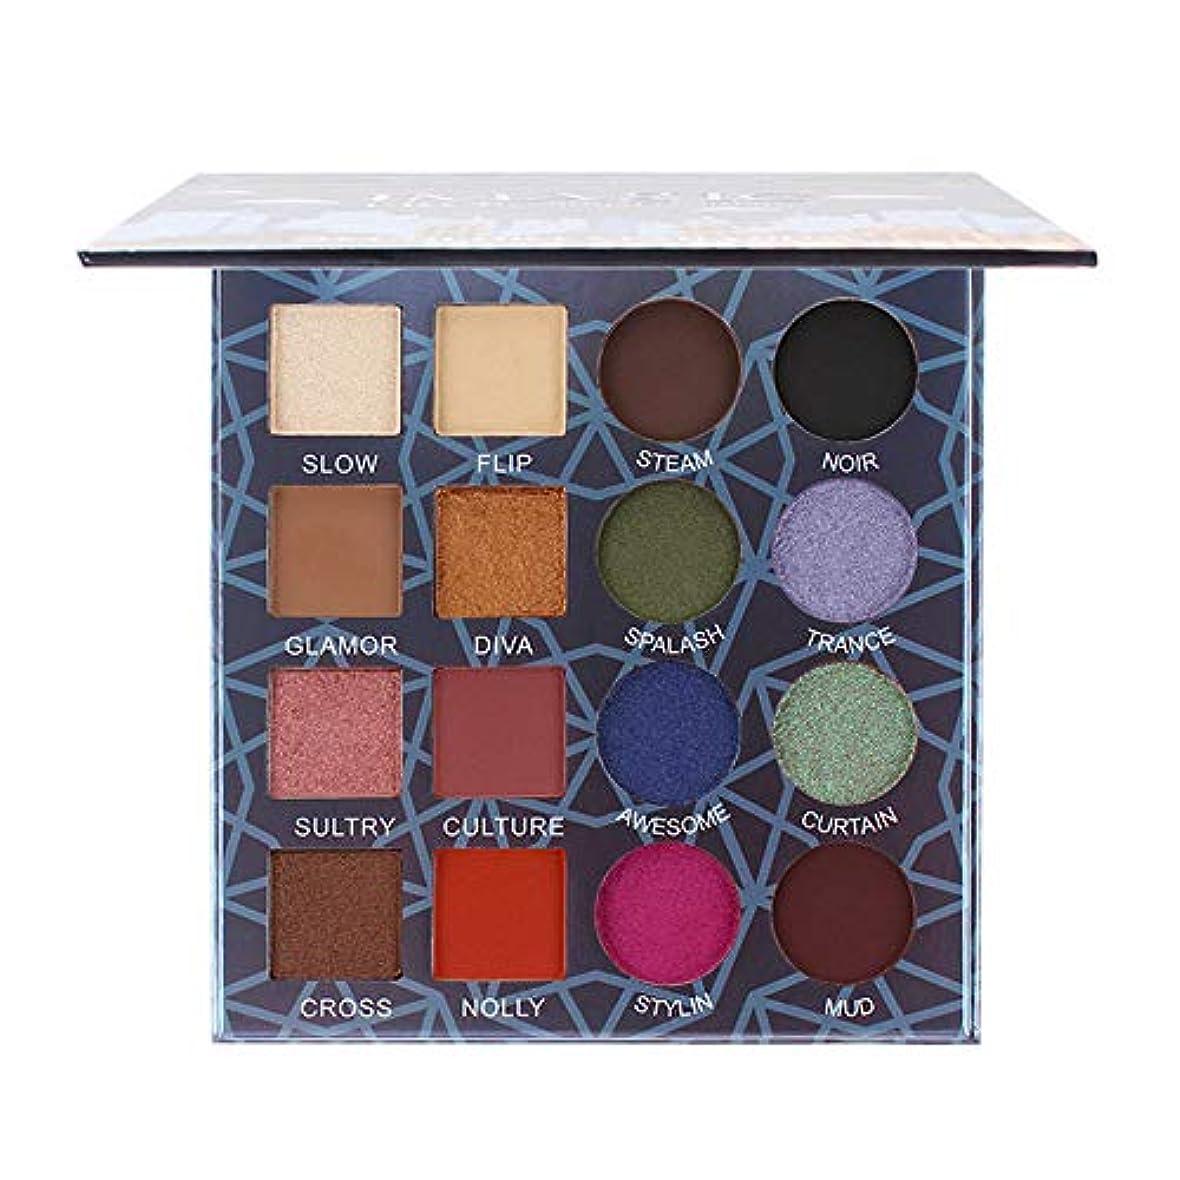 住居降臨調整16色キラキラ輝くアイシャドープレートパウダーマットアイシャドー化粧品メイクアップ